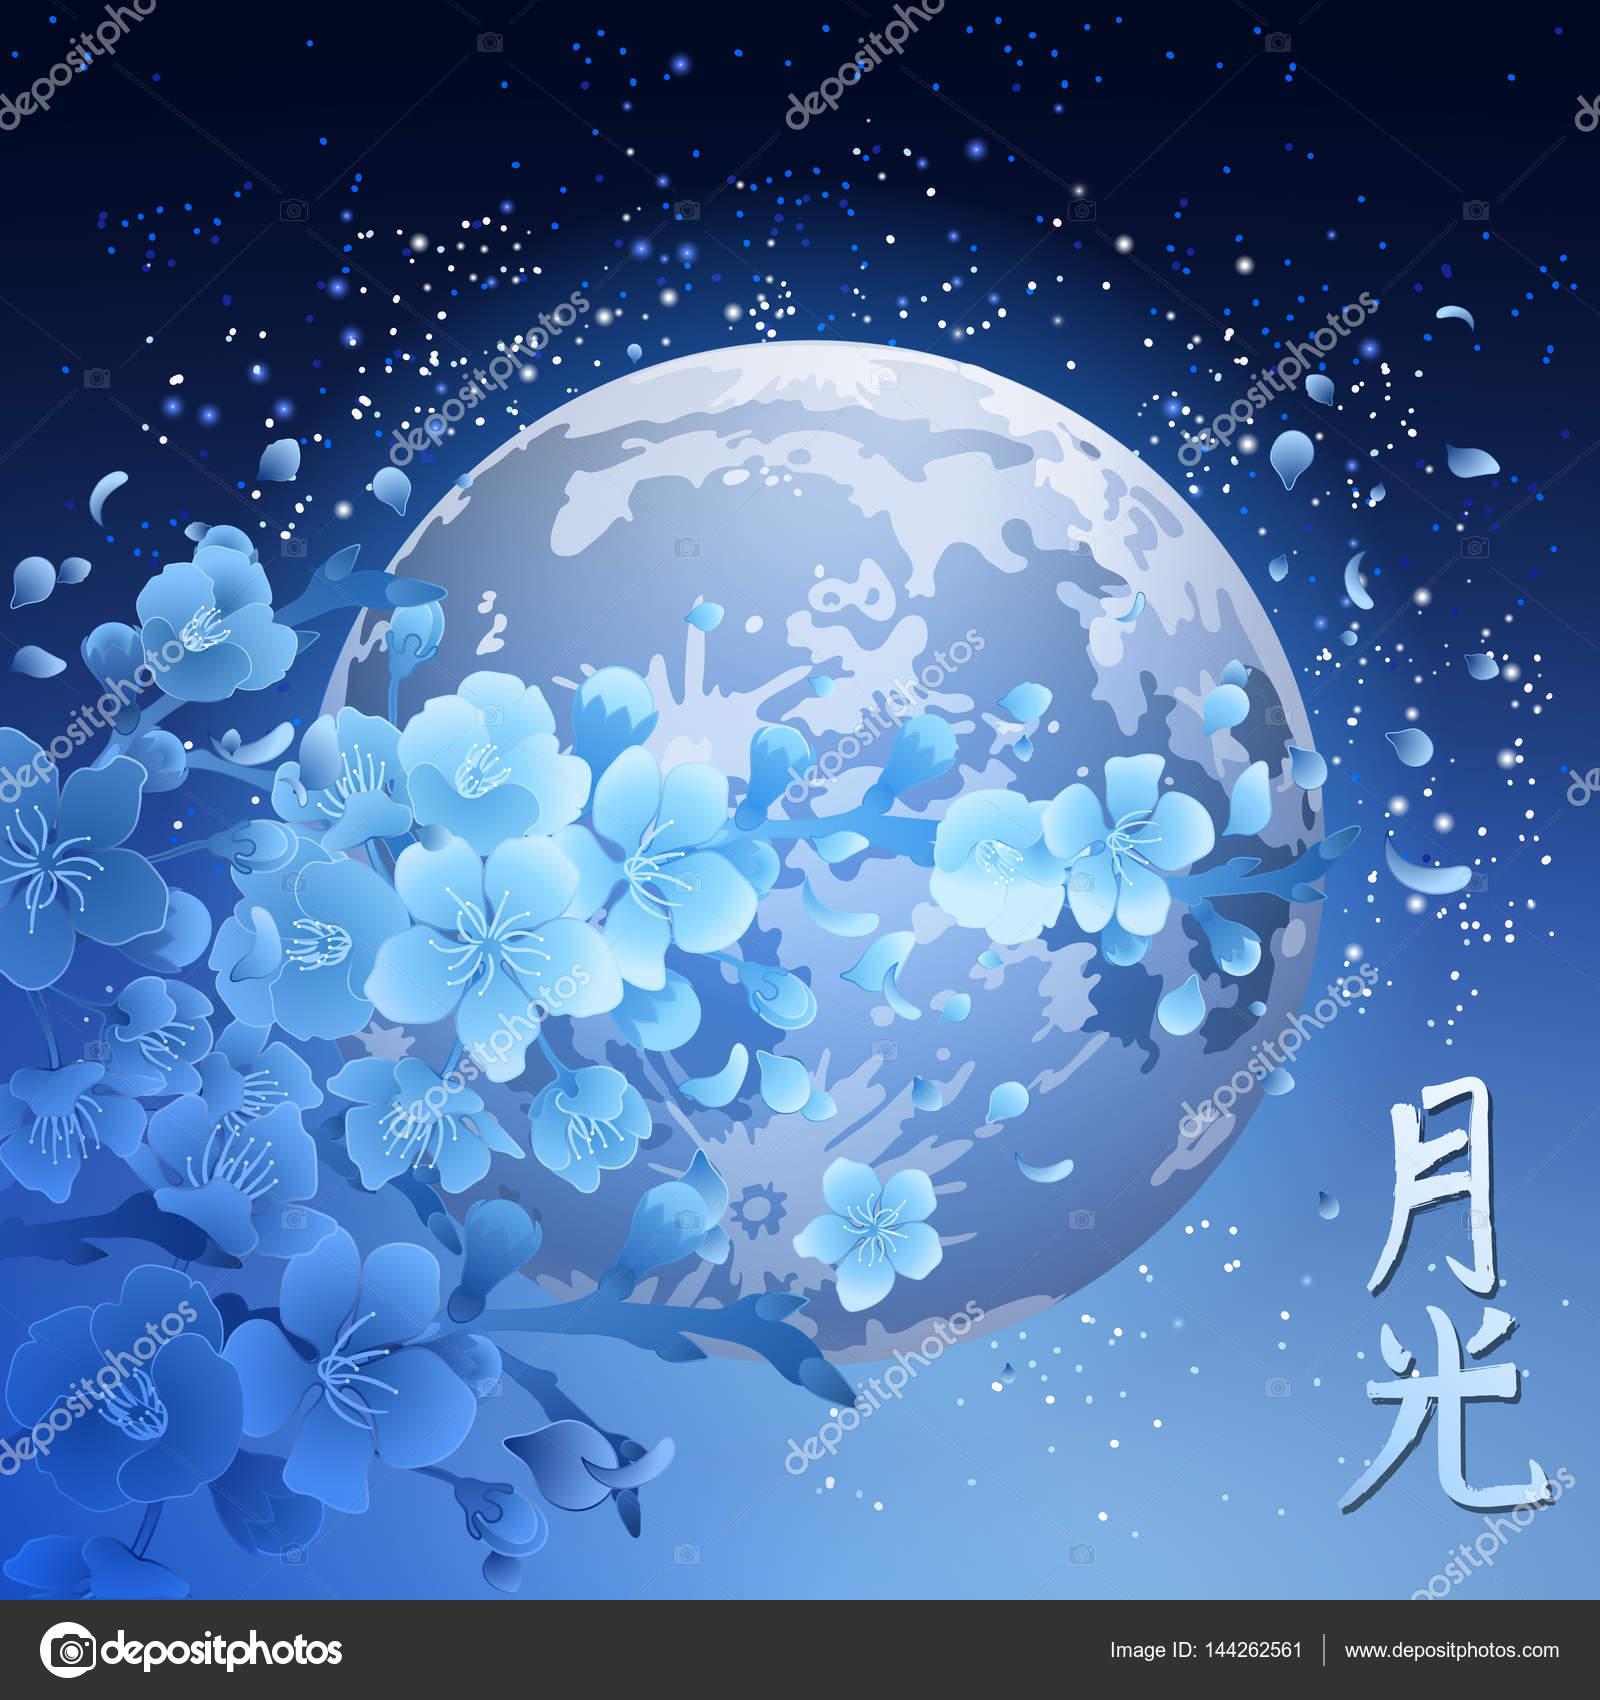 与月亮在夜晚星空背景上的蓝色樱花枝.在亚洲风格的复古插画.